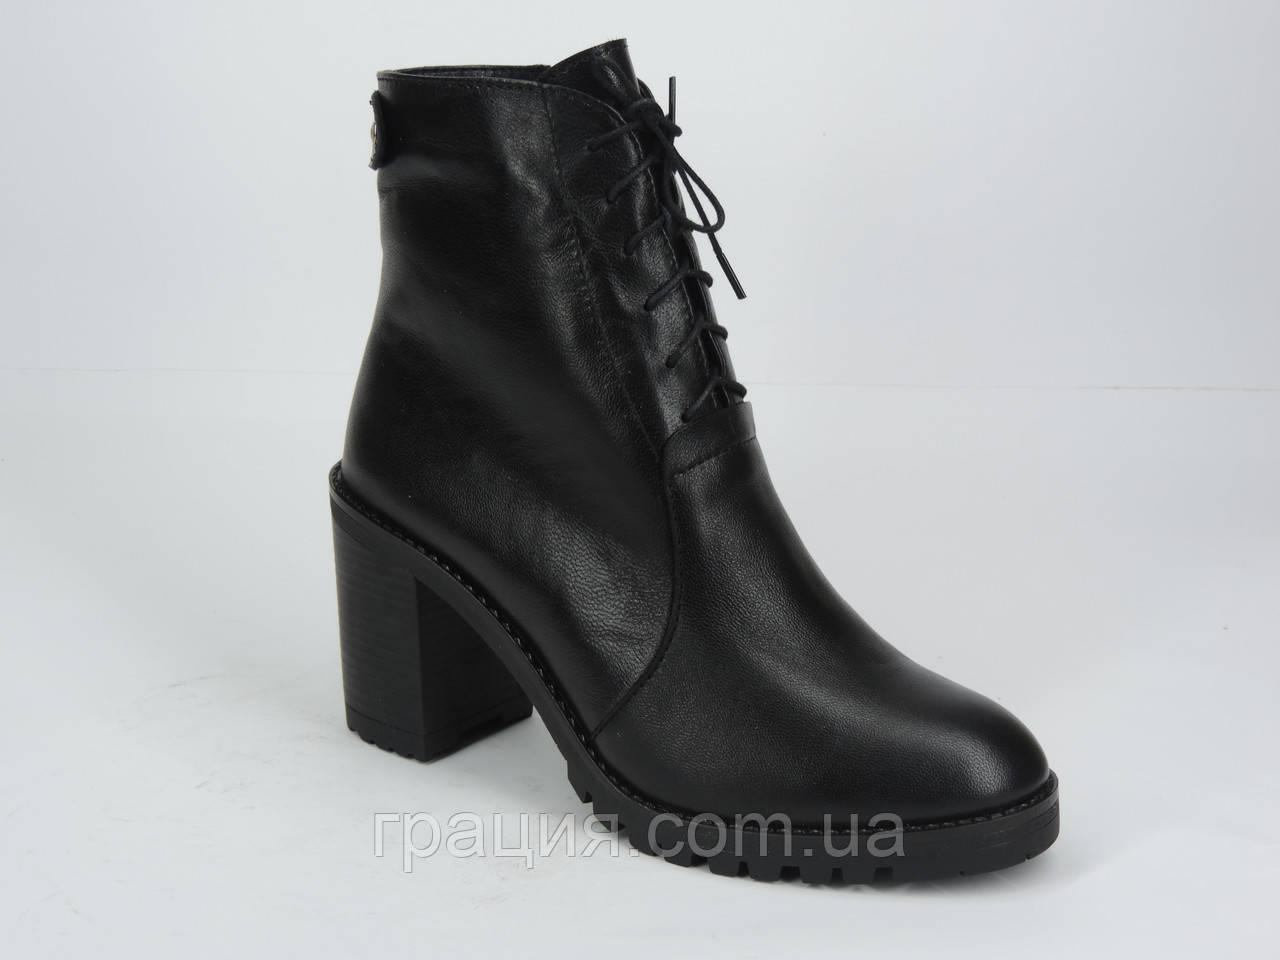 Ботинки женские кожаные на каблуке со шнуровкой